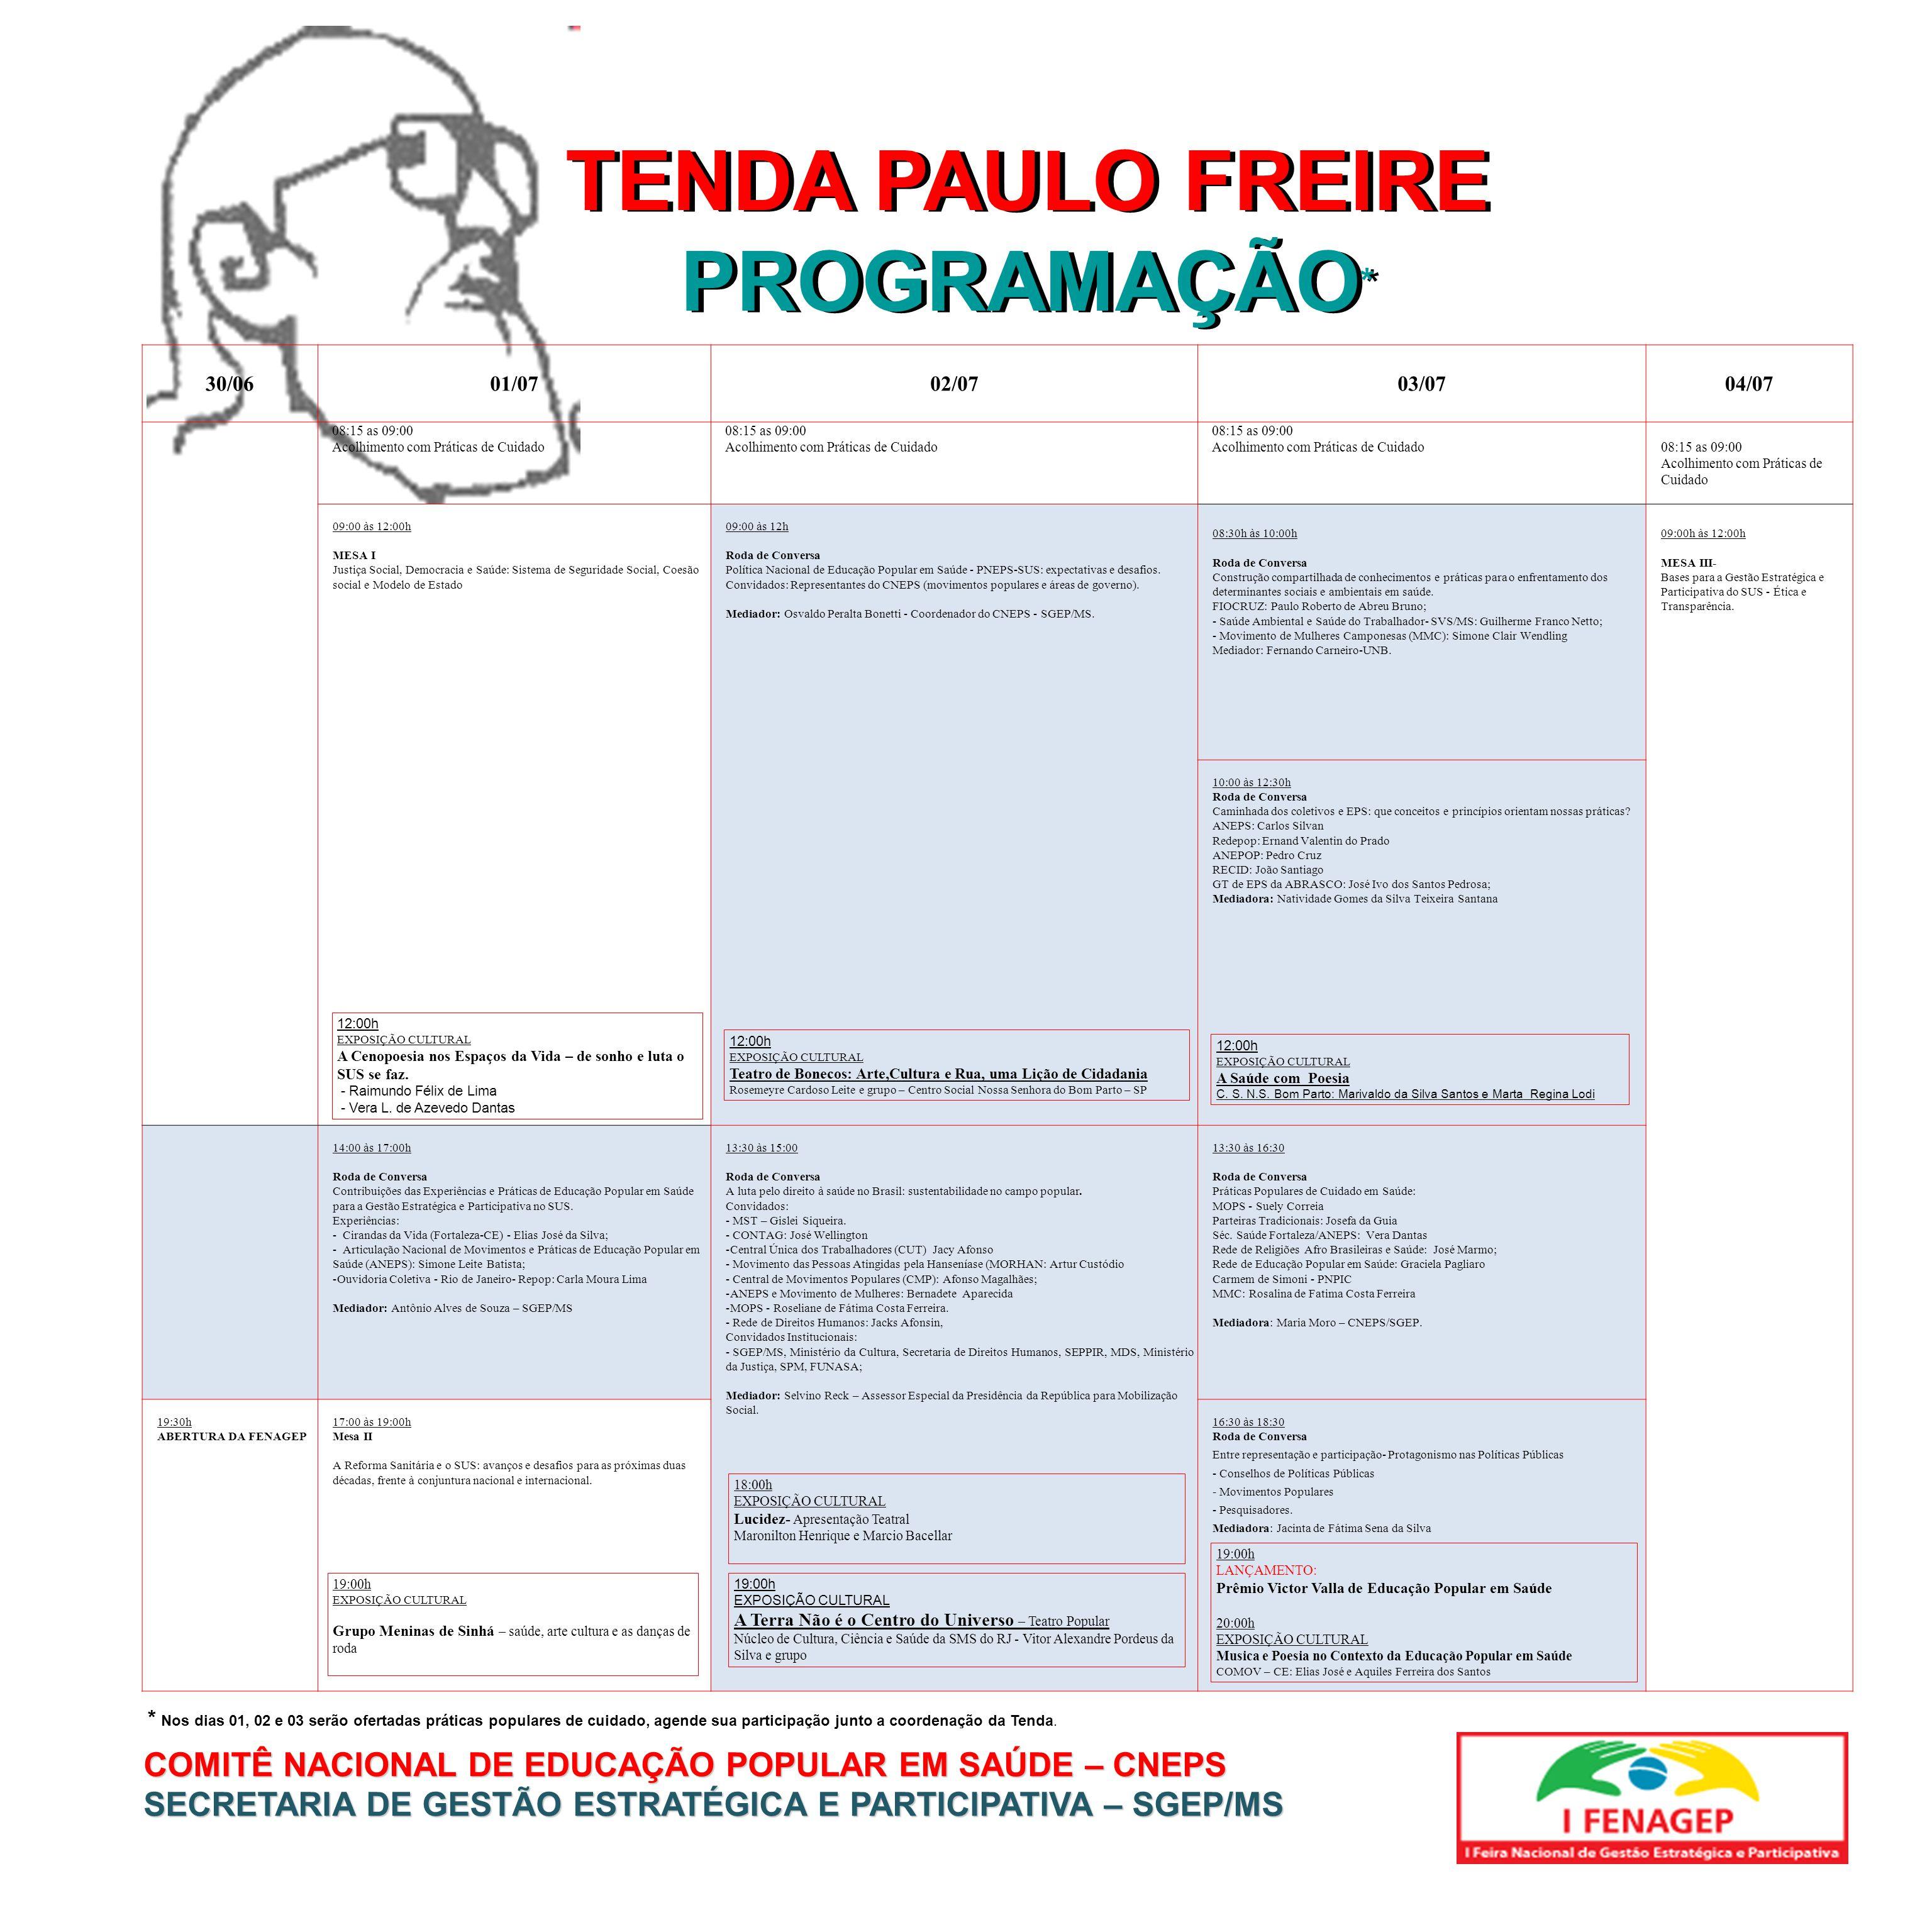 TENDA PAULO FREIRE PROGRAMAÇÃO*